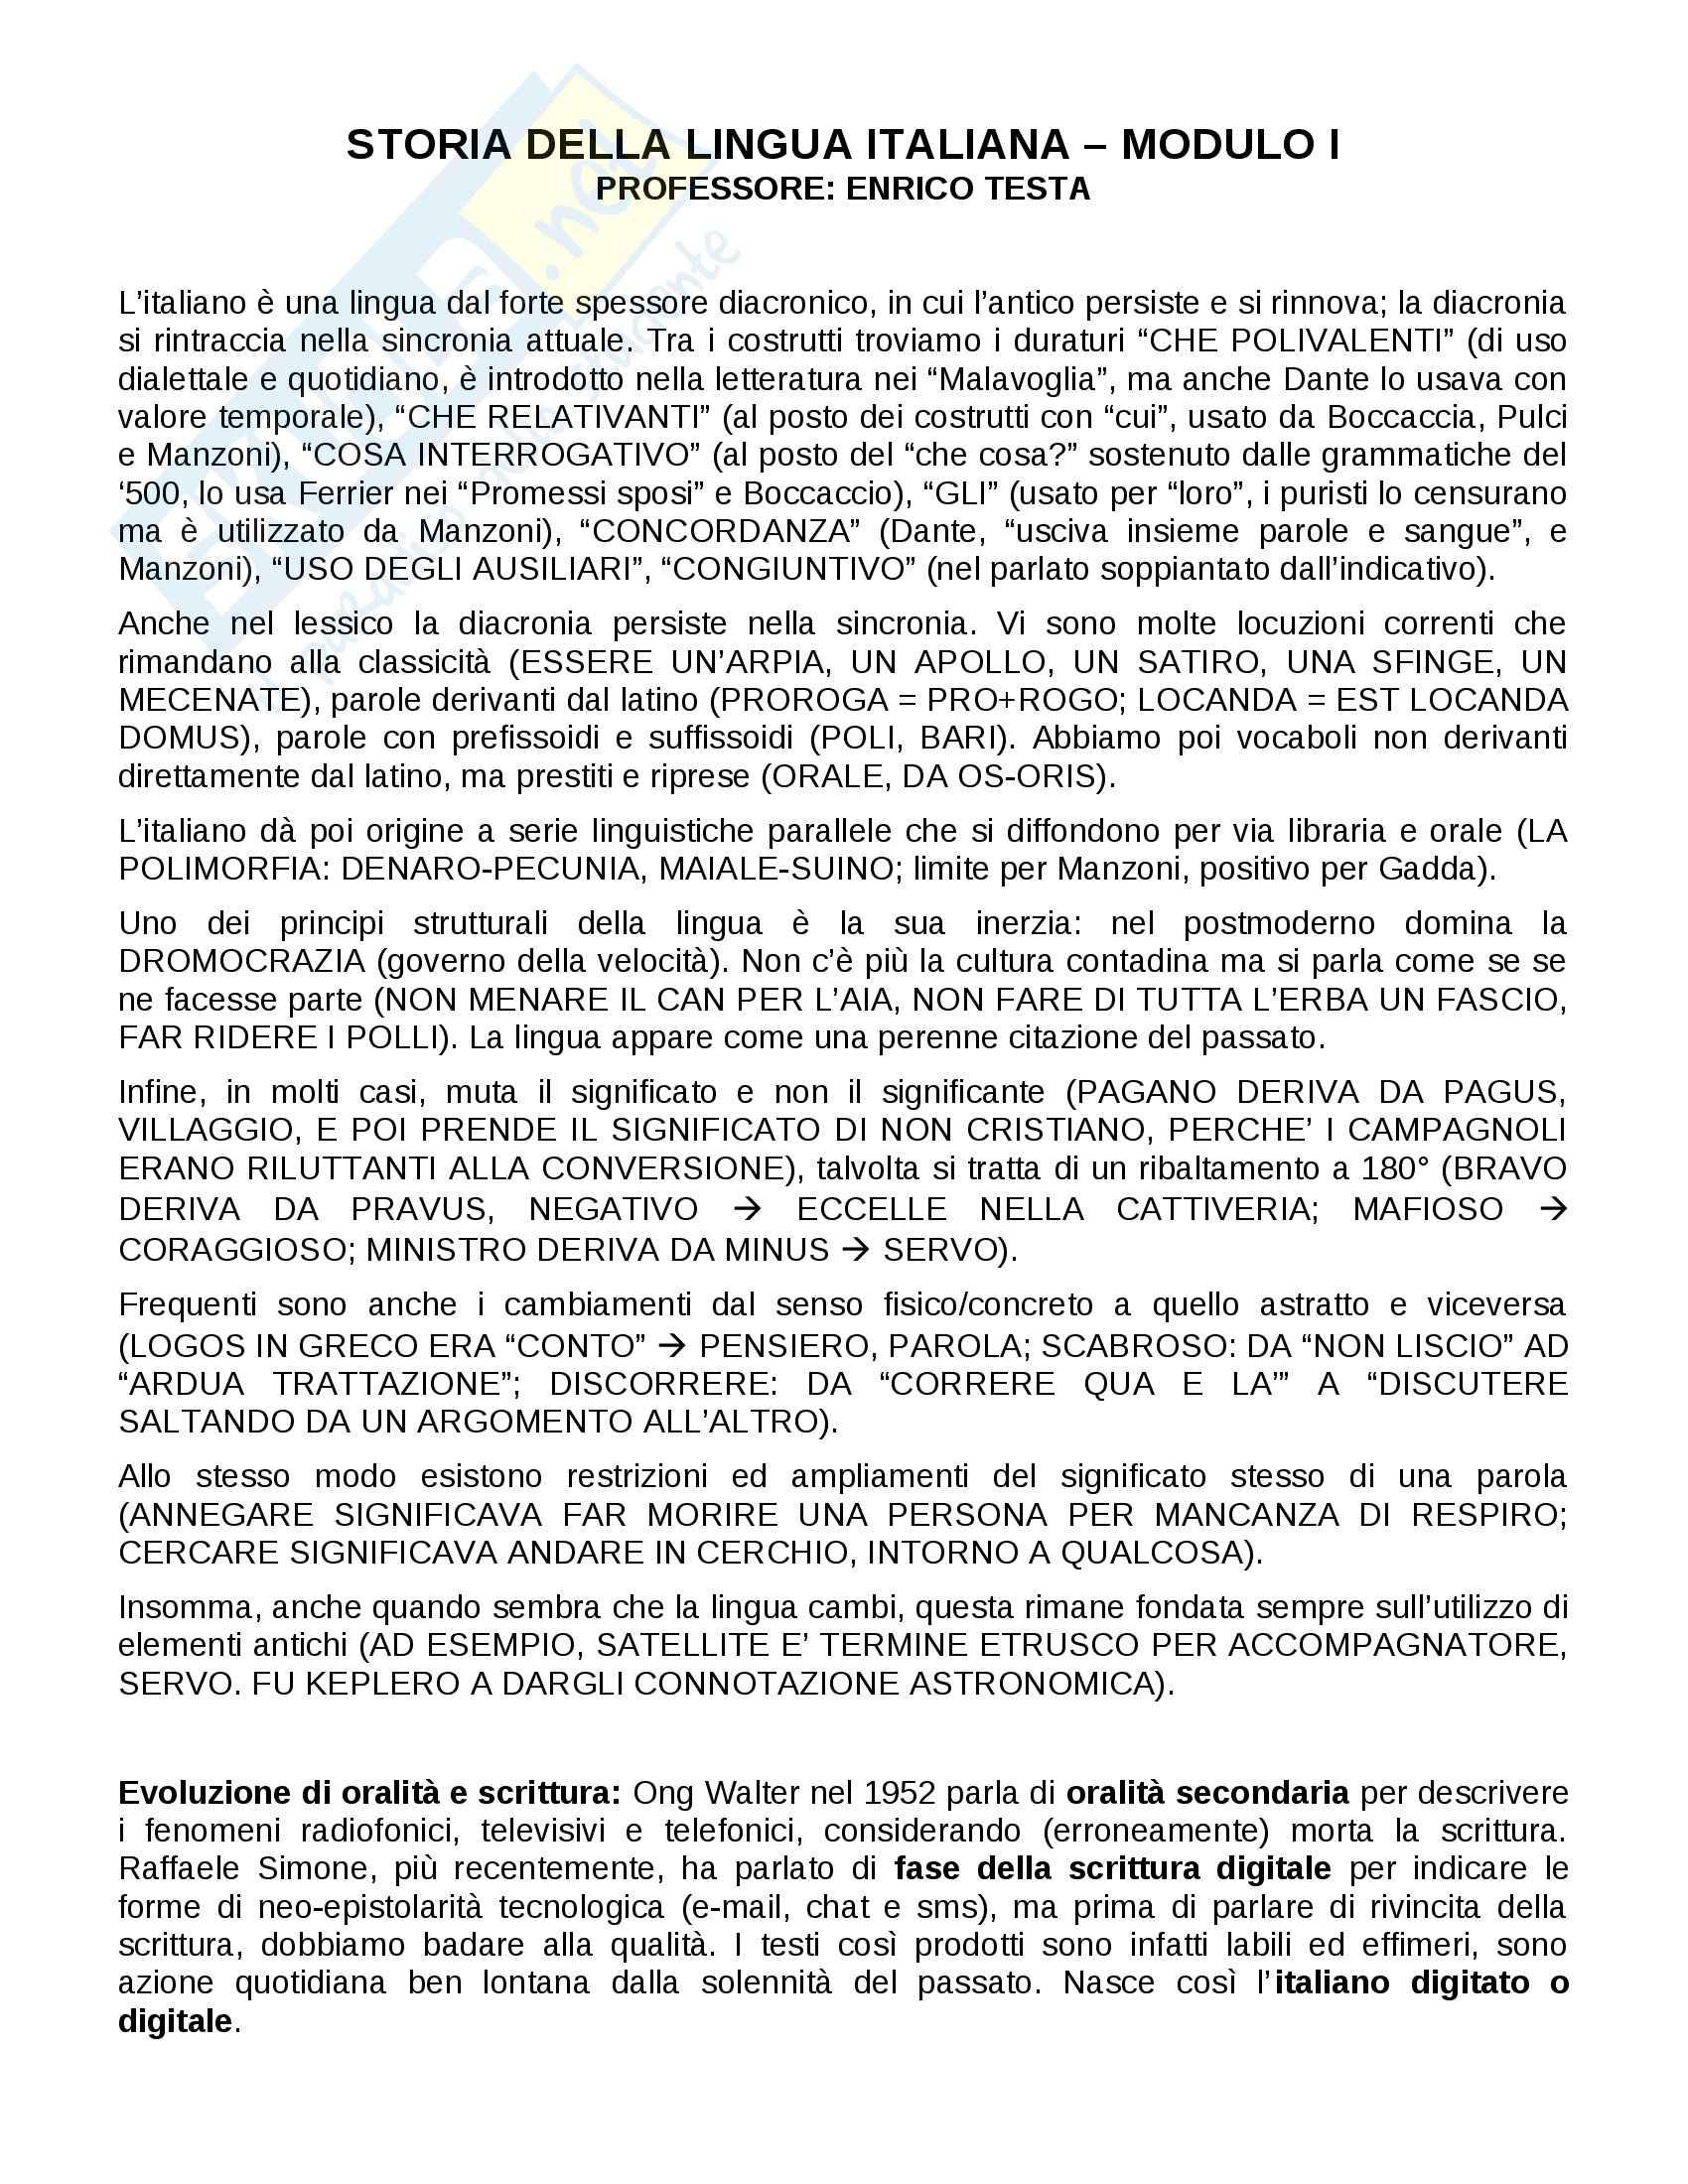 Storia della lingua italiana - Appunti